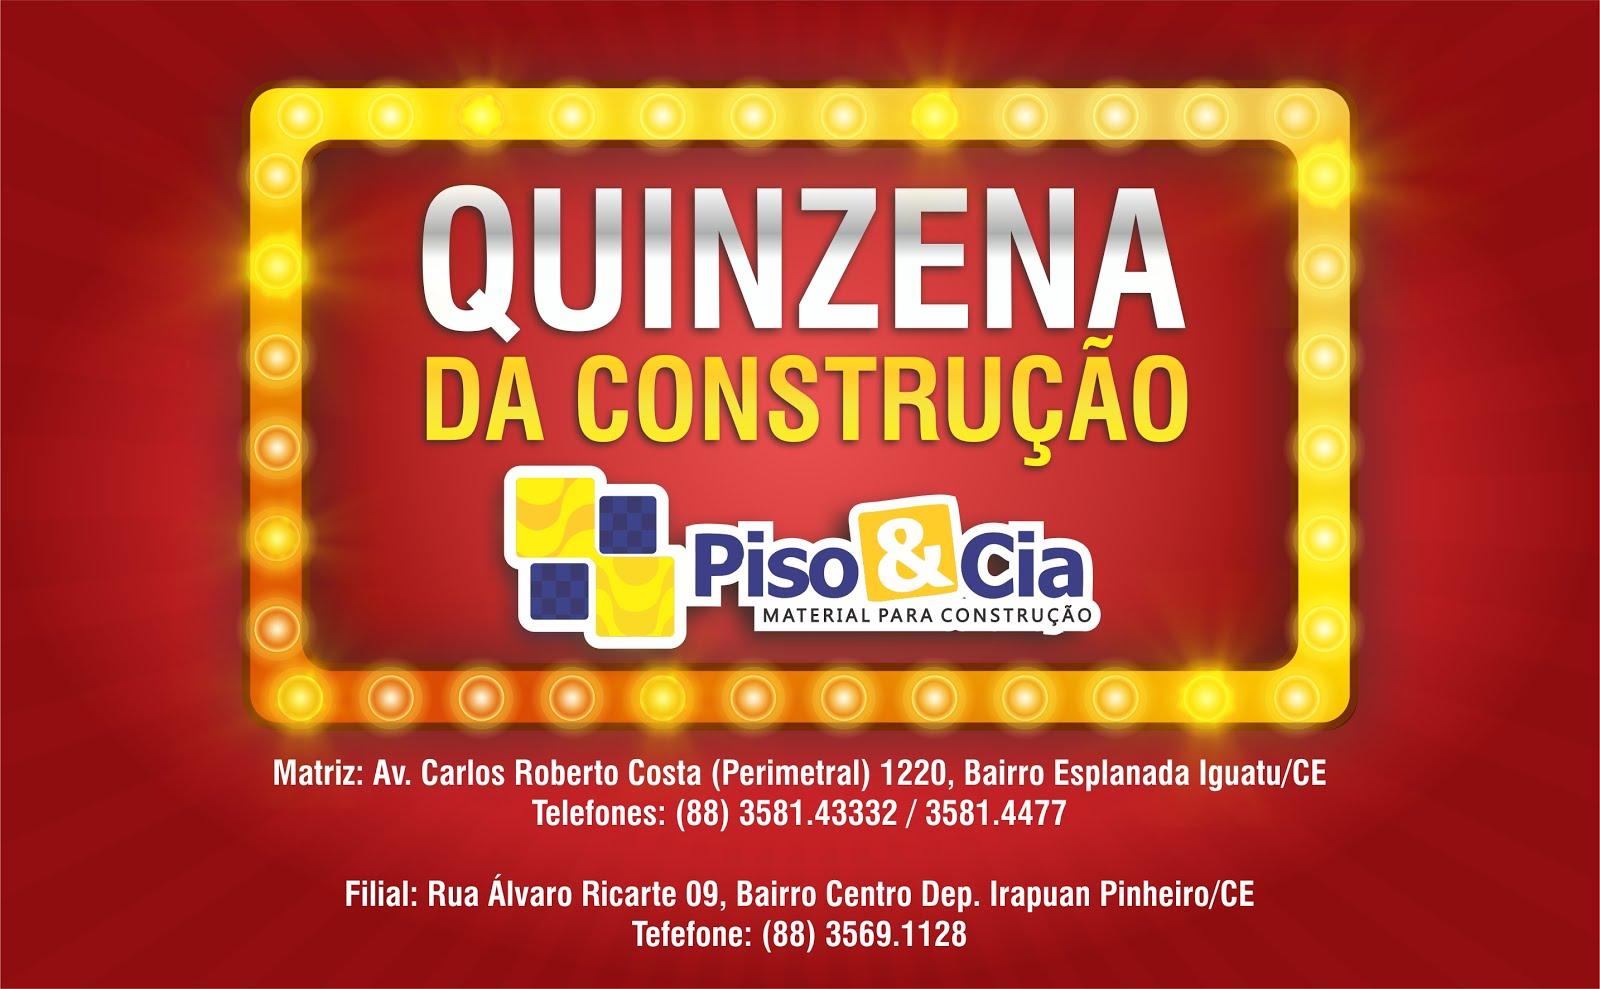 PISO & CIA